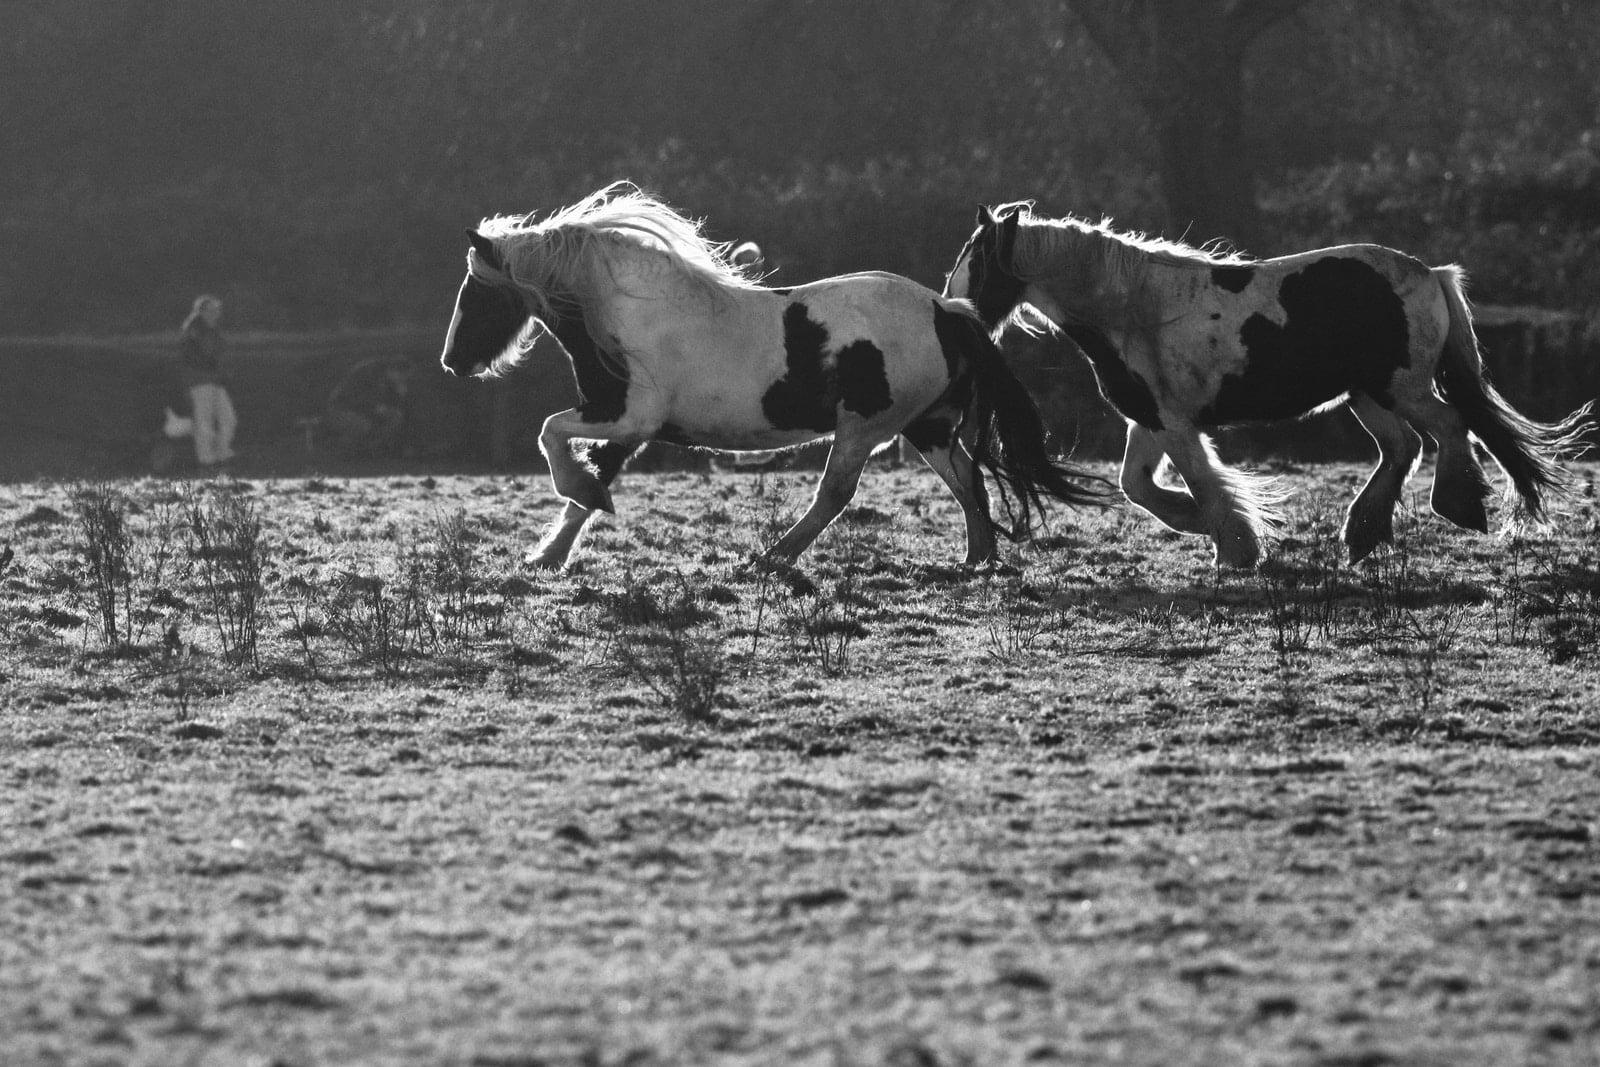 ¿Cuánto tiempo puede correr un caballo en 1 día?